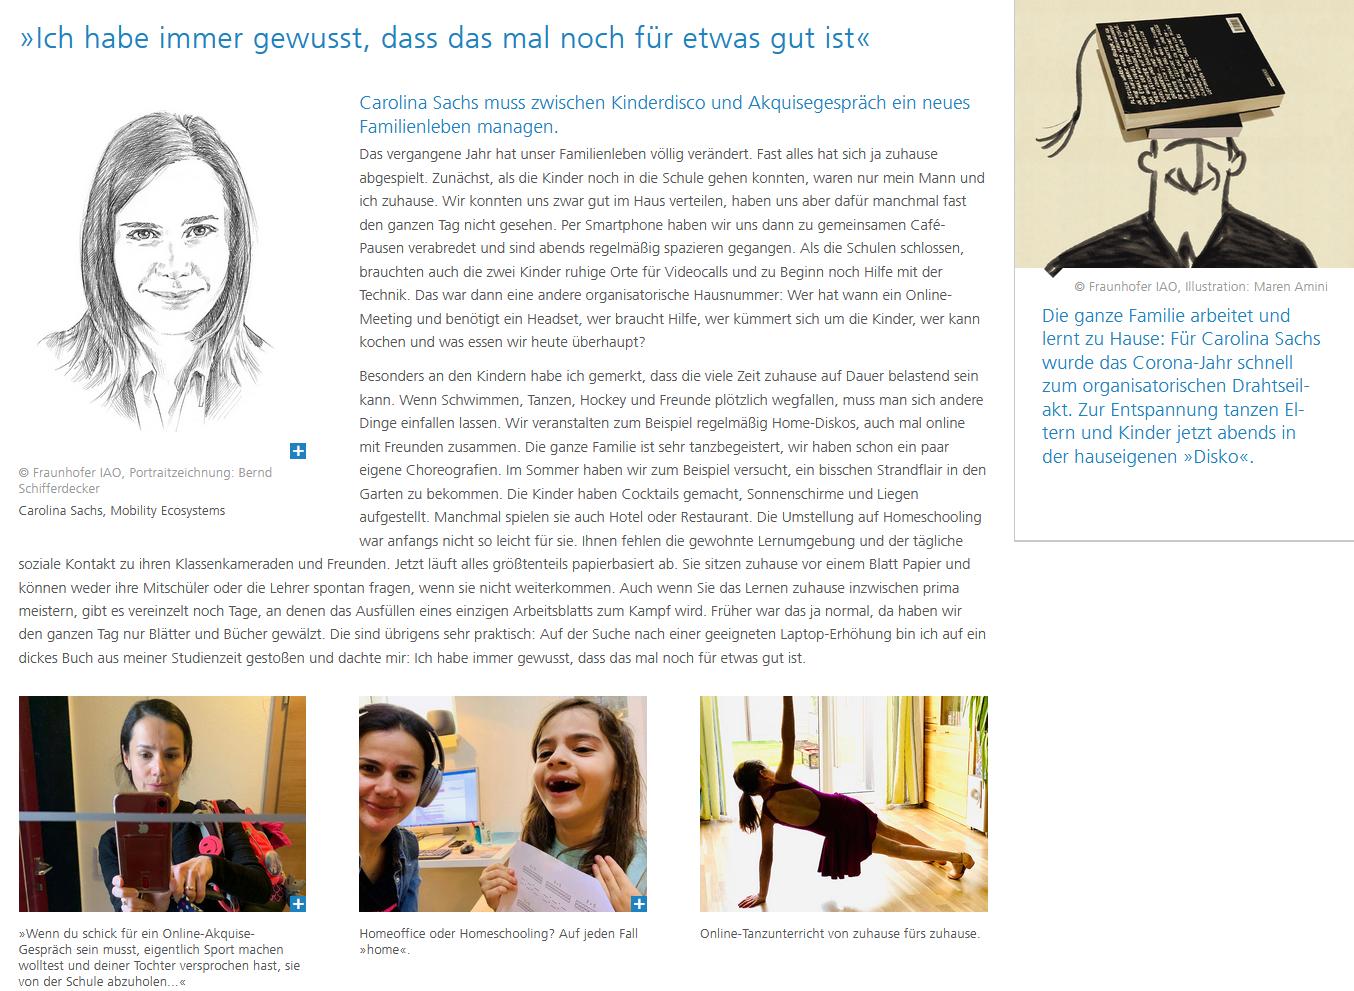 Abbildung 1: Homestory von Carolina Sachs im Jahresbericht. (Quelle: Fraunhofer IAO)